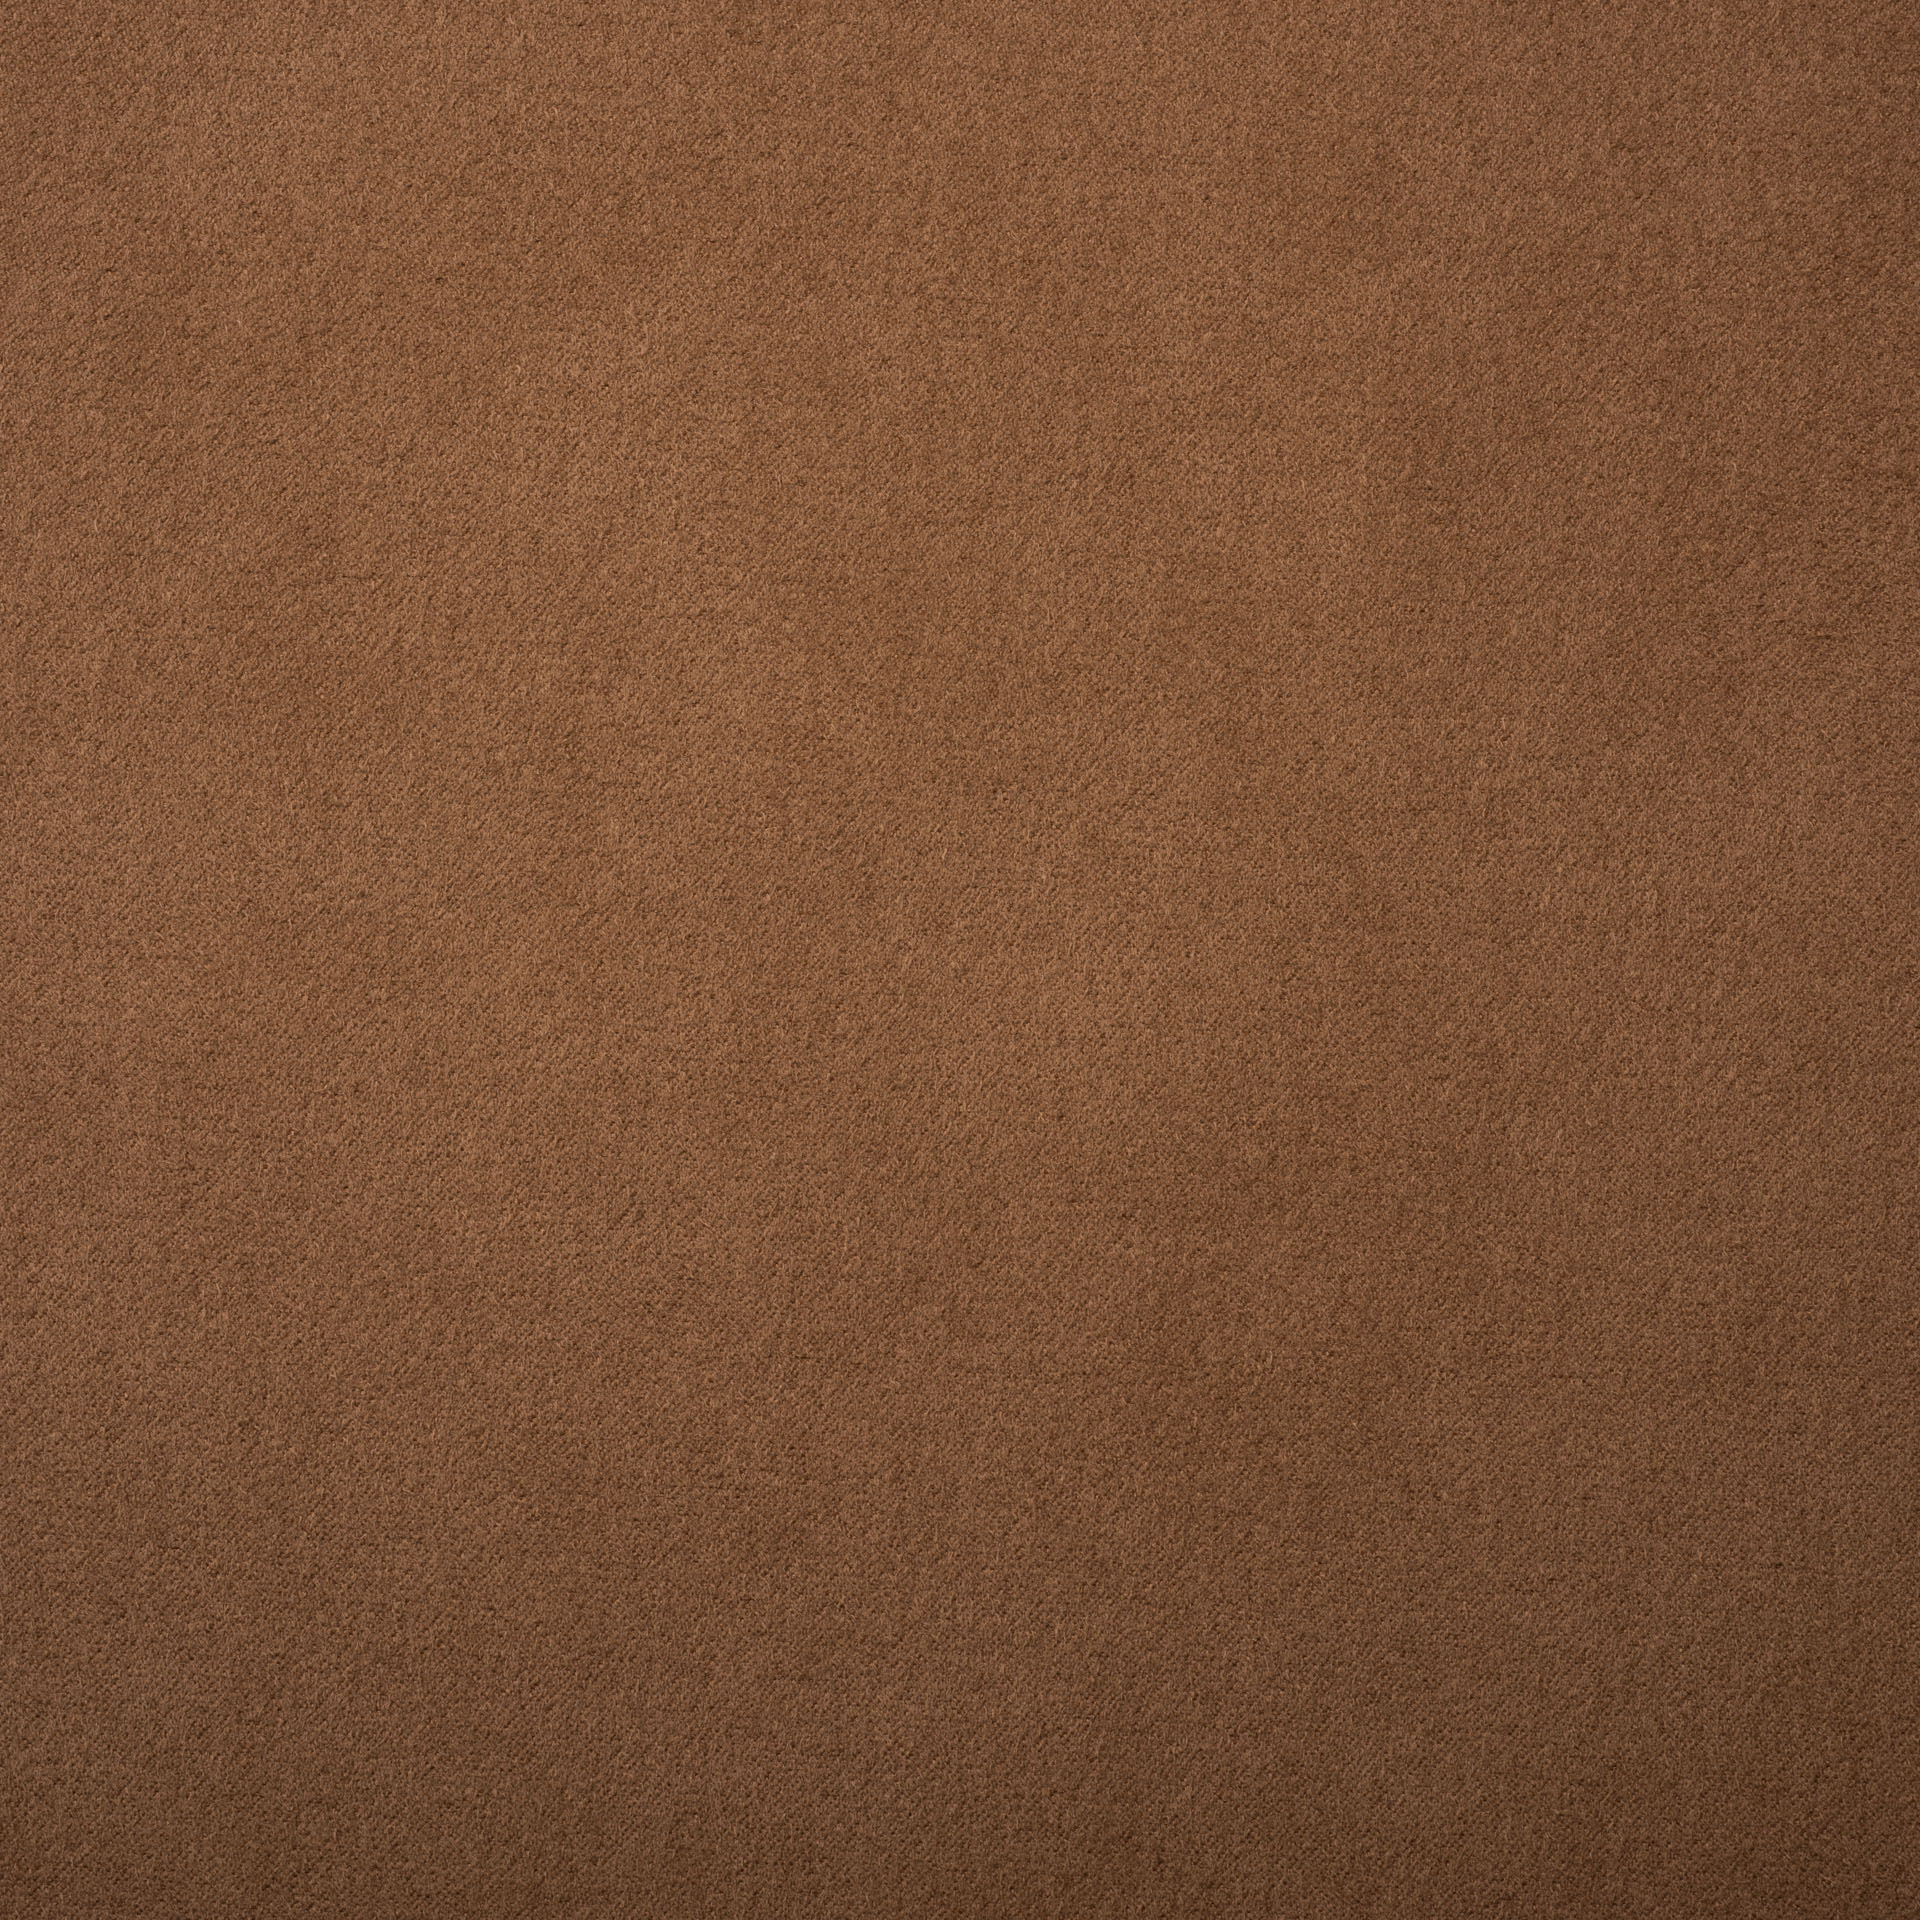 Коллекция ткани Нубук 02 LION,  купить ткань Велюр для мебели Украина